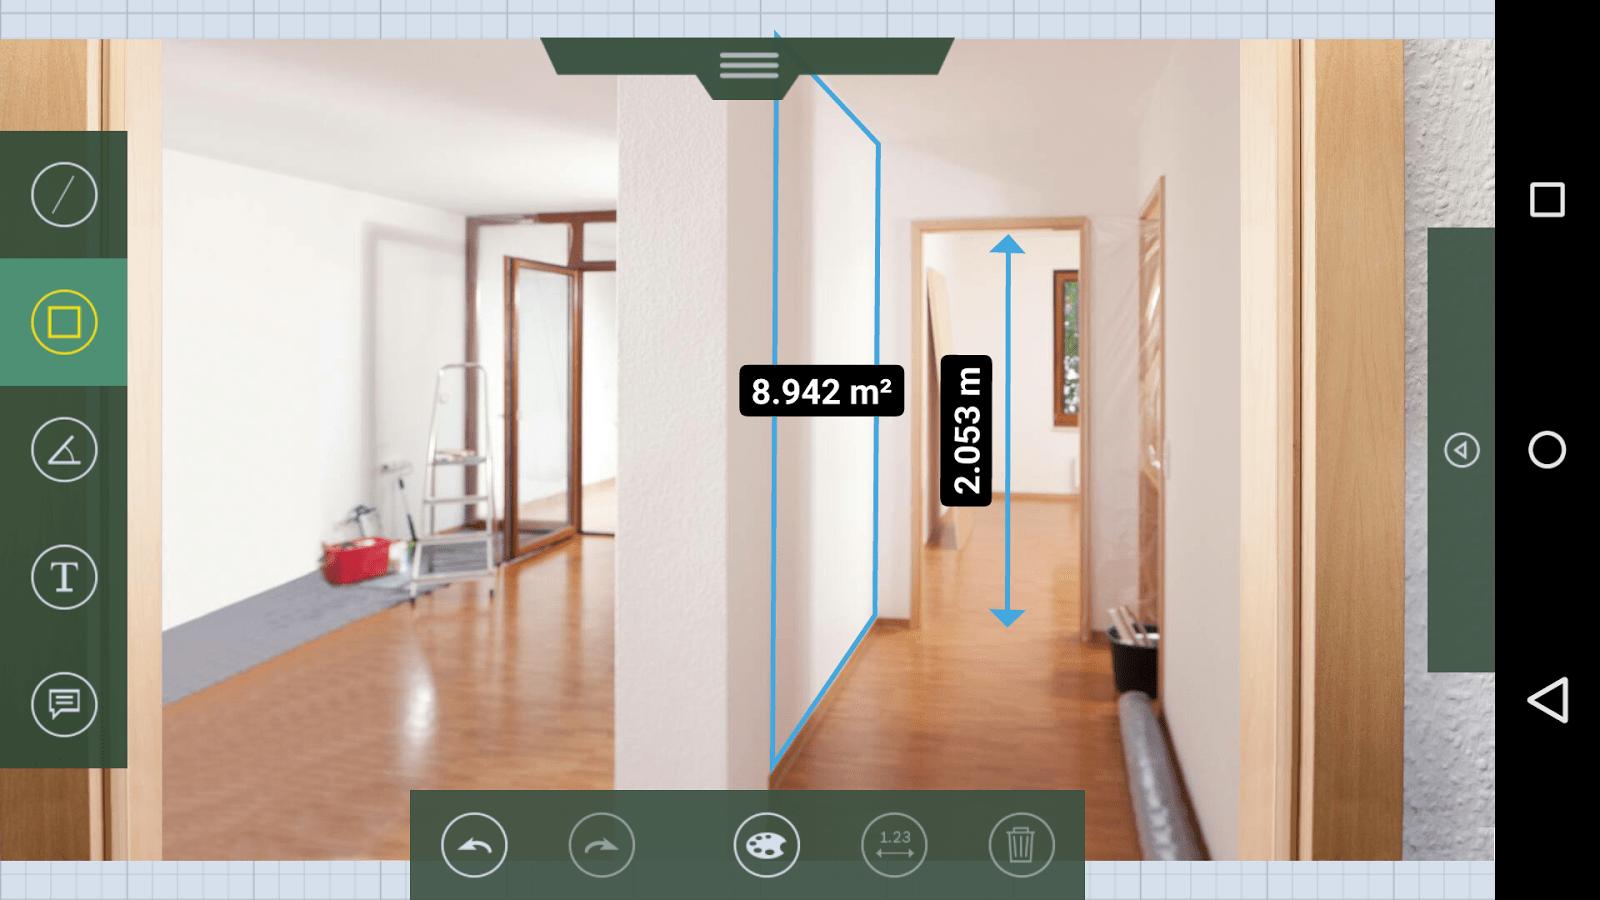 Bosch Digitaler Laser Entfernungsmesser Plr 50 C : Smarter messen mit laser bluetooth und app: bosch plr 50 c androidmag